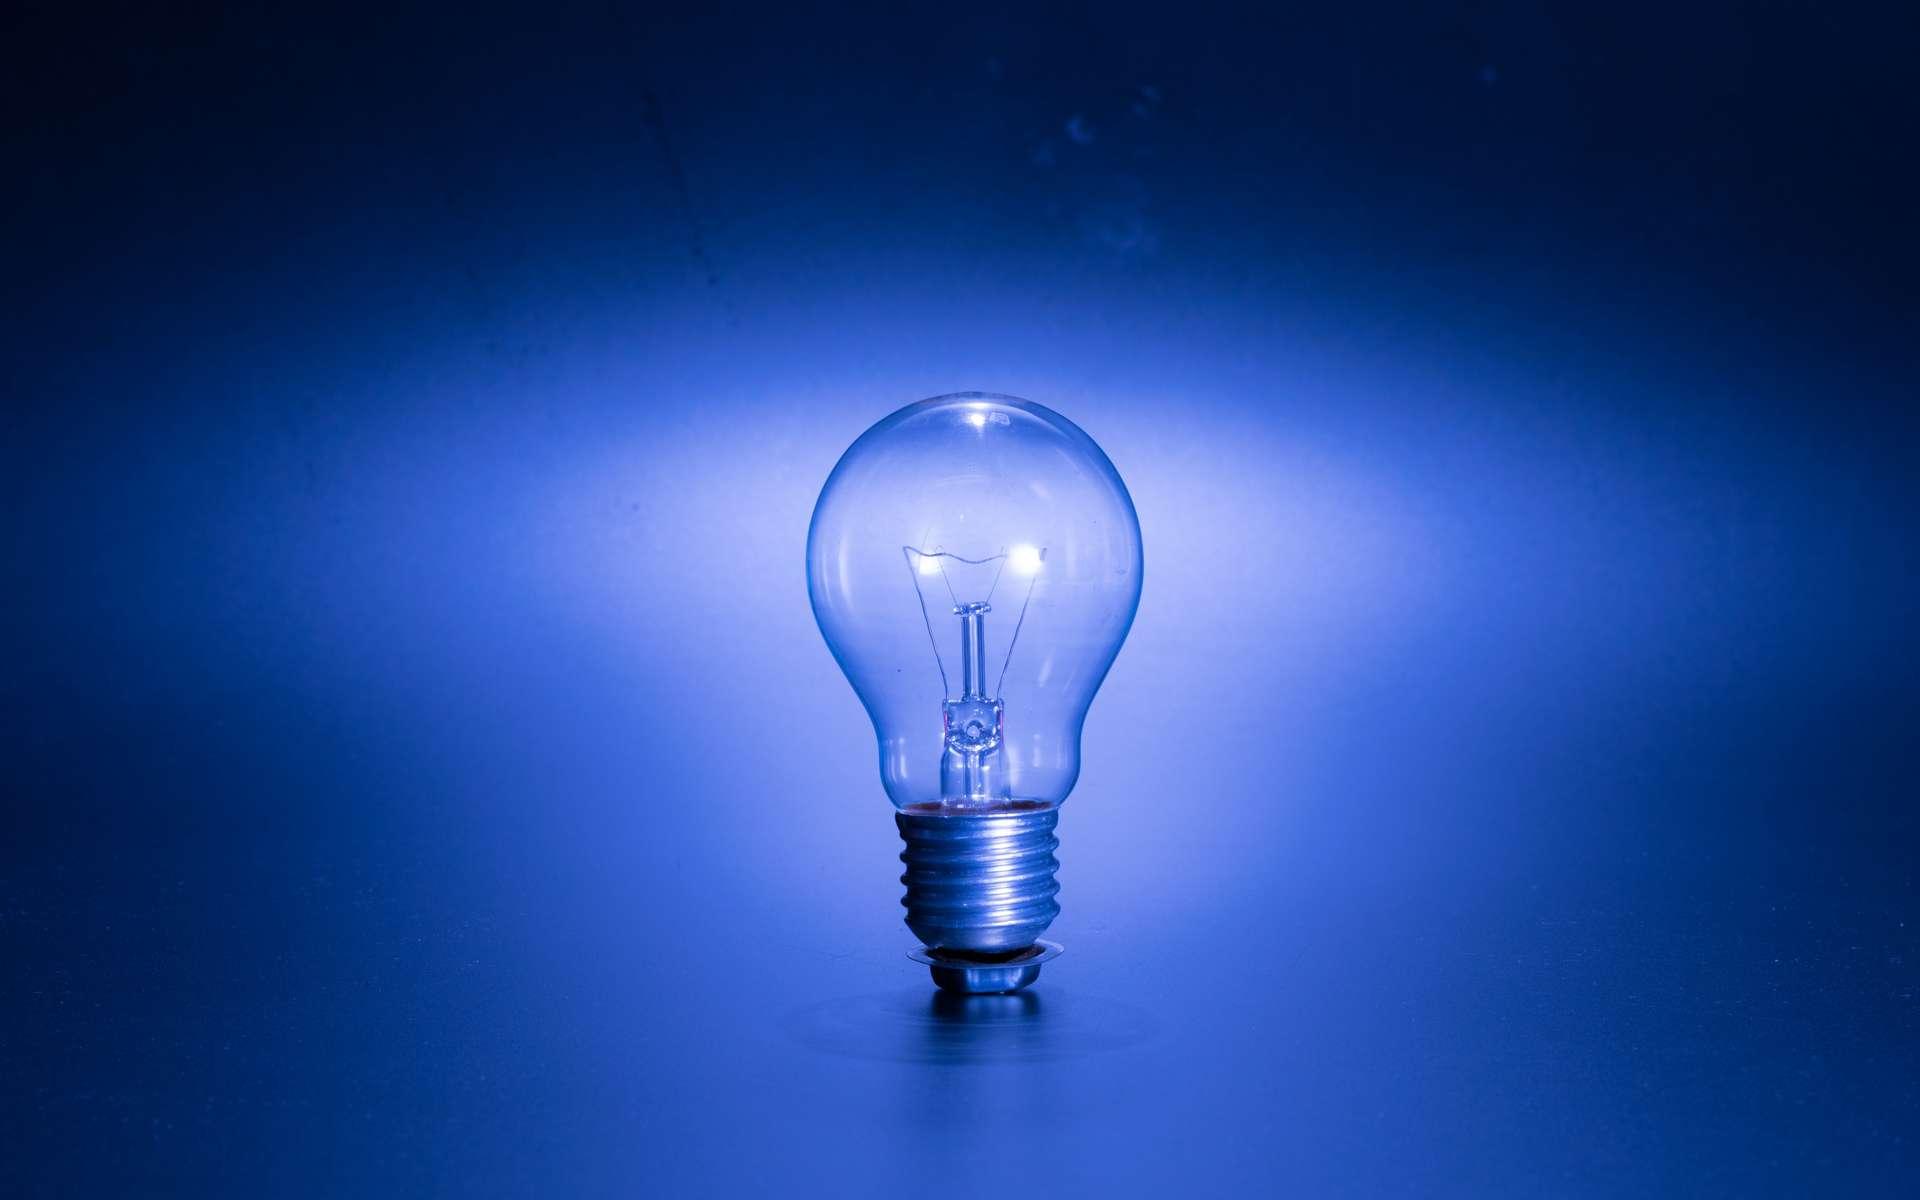 L'autofluorescence, une méthode simple et rapide pour détecter le diabète et les maladies cardiovasculaires. © Pixabay